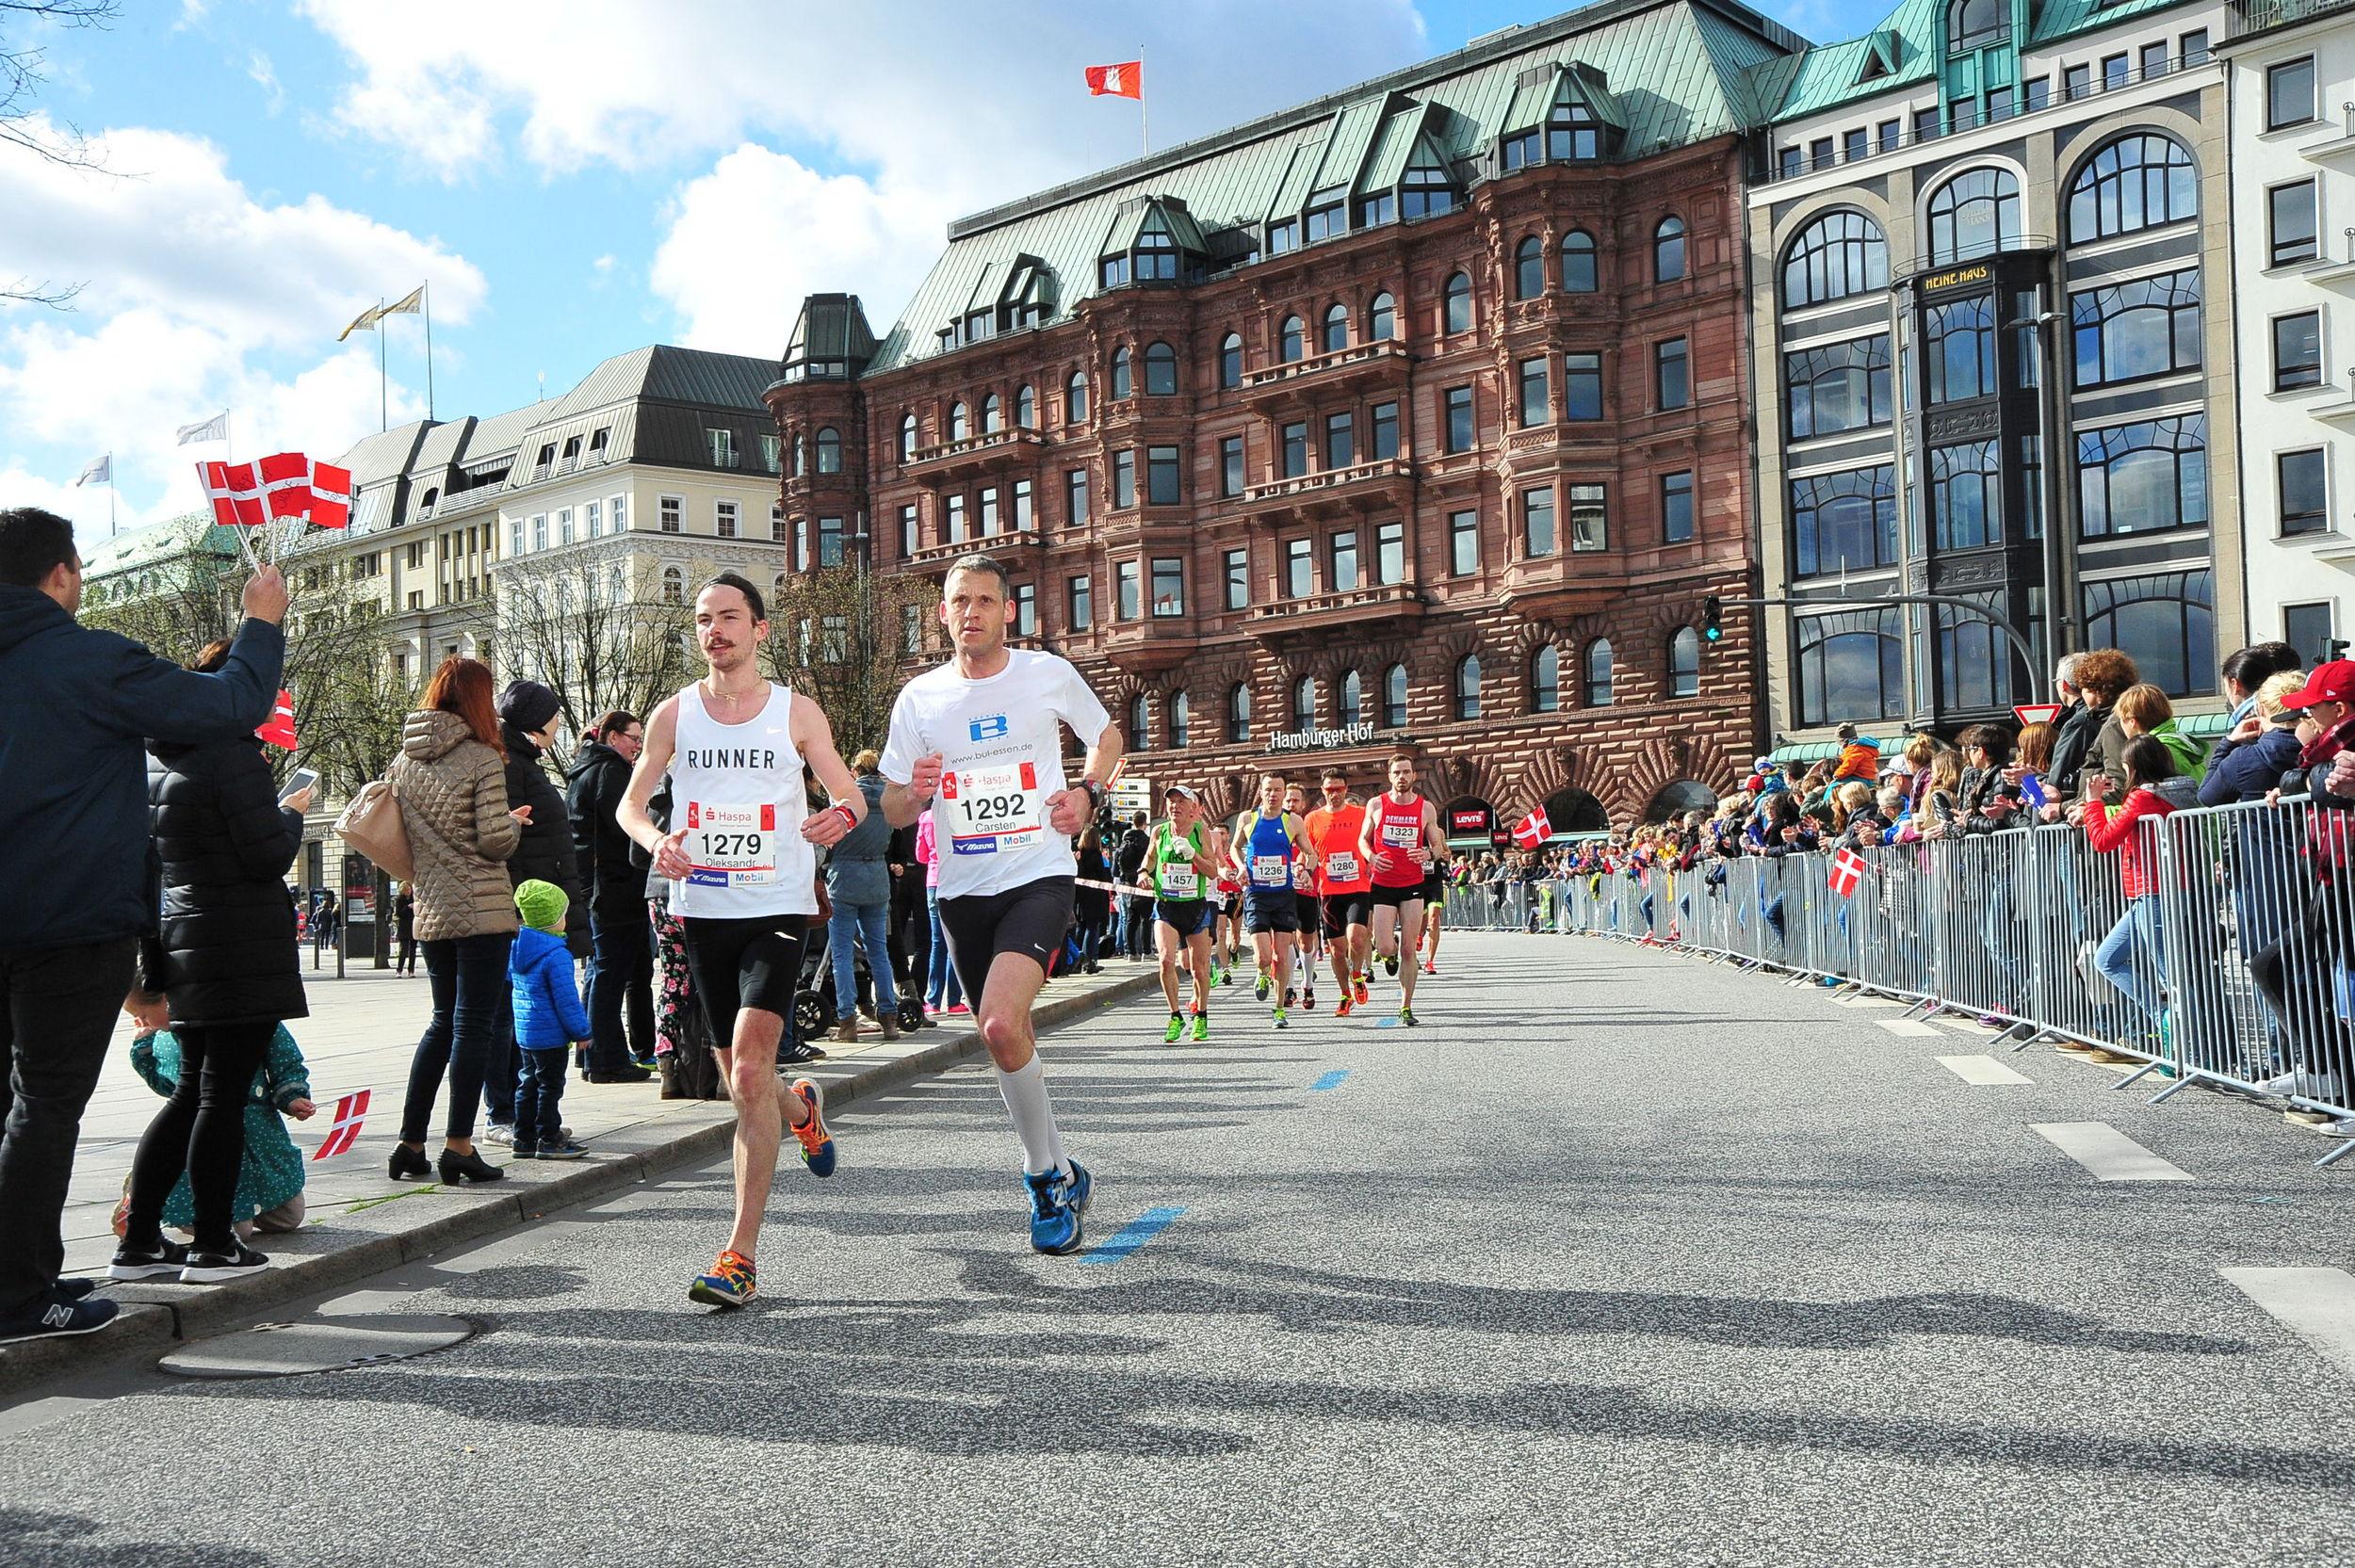 Страны сквозь призму бега: как путешествия научили меня быть в движении 20x30 HHAK0166